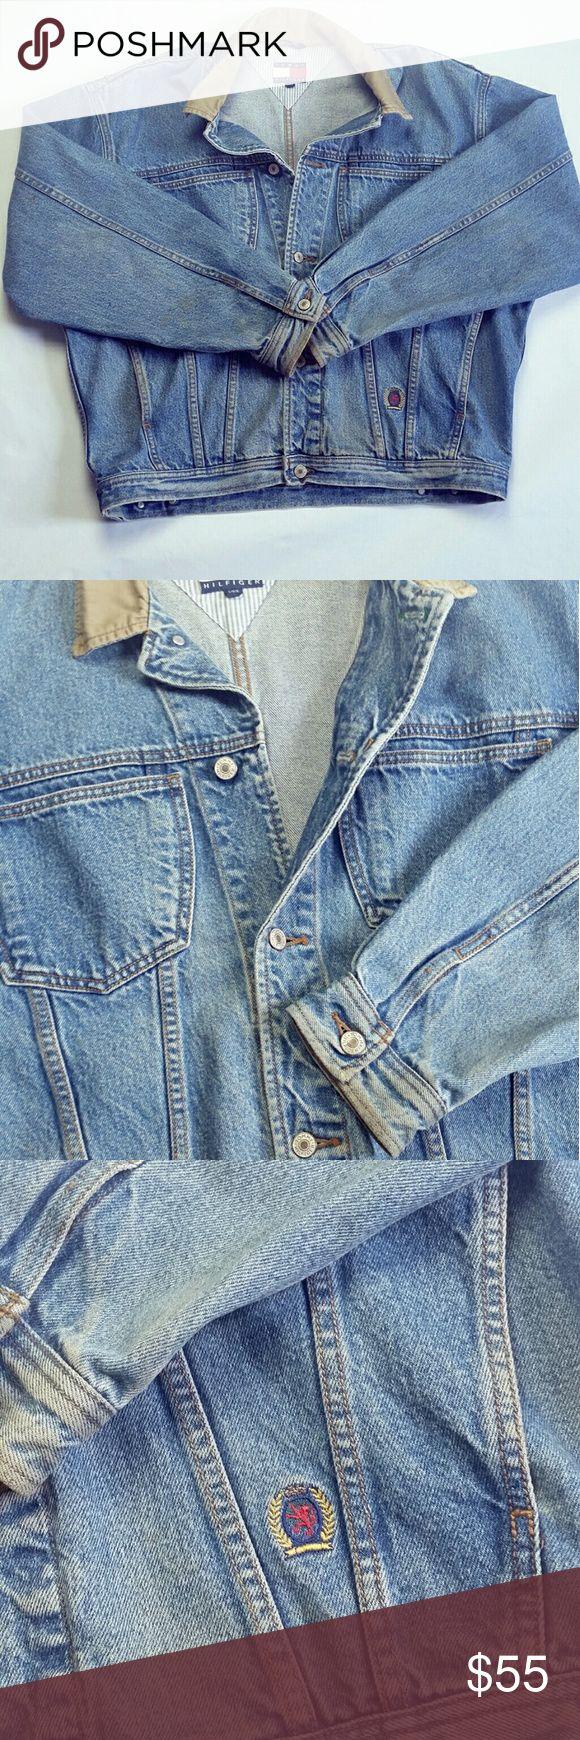 Vintage Tommy Hilfiger Denim Jacket Pre-owned vintage Tommy Hilfiger men's denim jacket Tommy Hilfiger Jackets & Coats